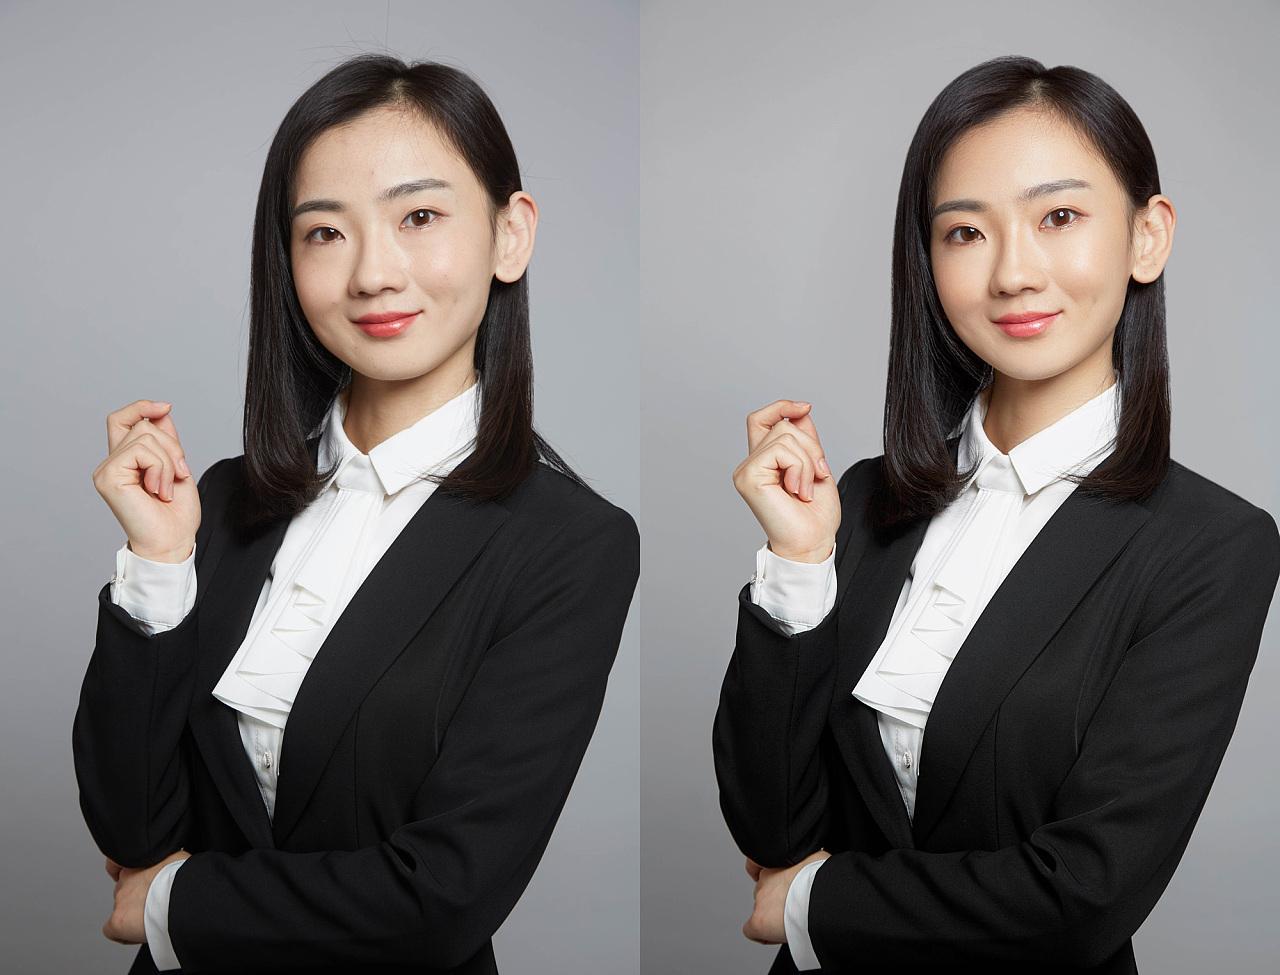 注册金融信息服务公司的条件,如何注册上海金融公司